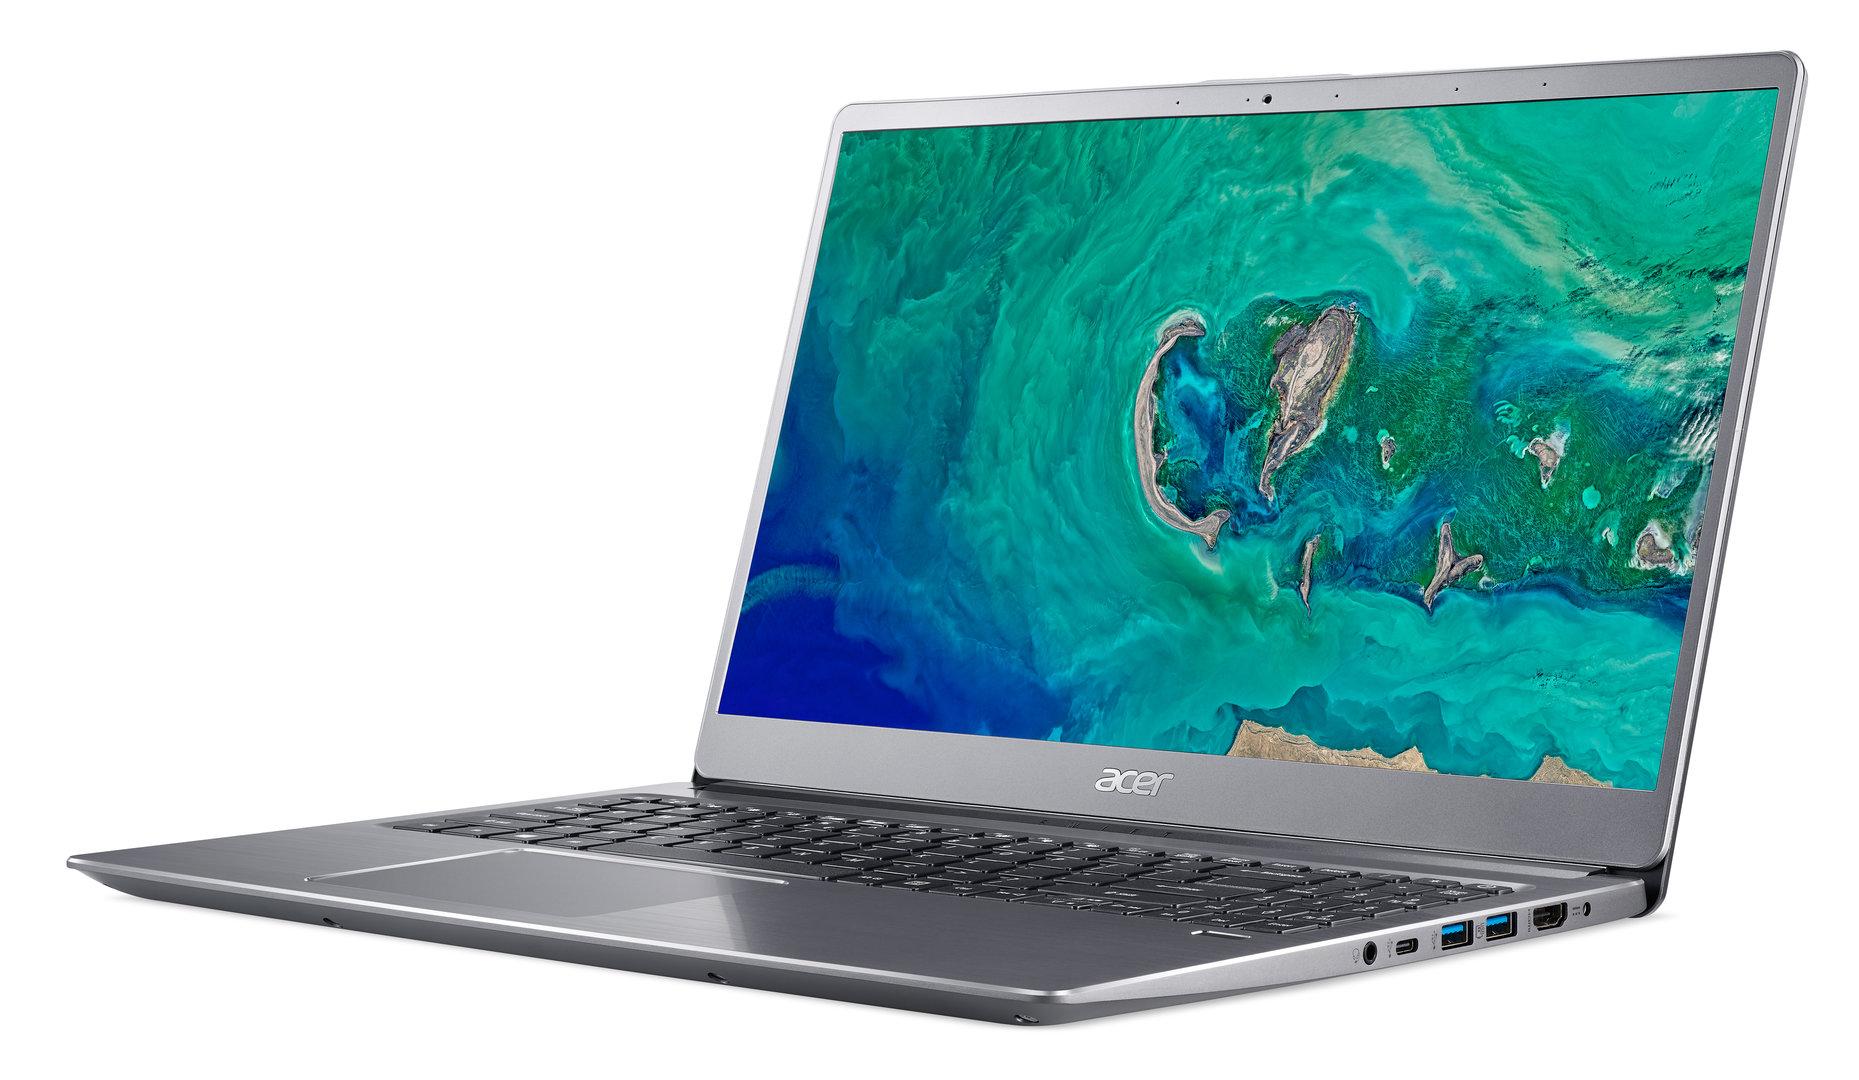 Acer Swift 3 (2018) (15,6 Zoll) (Silber)